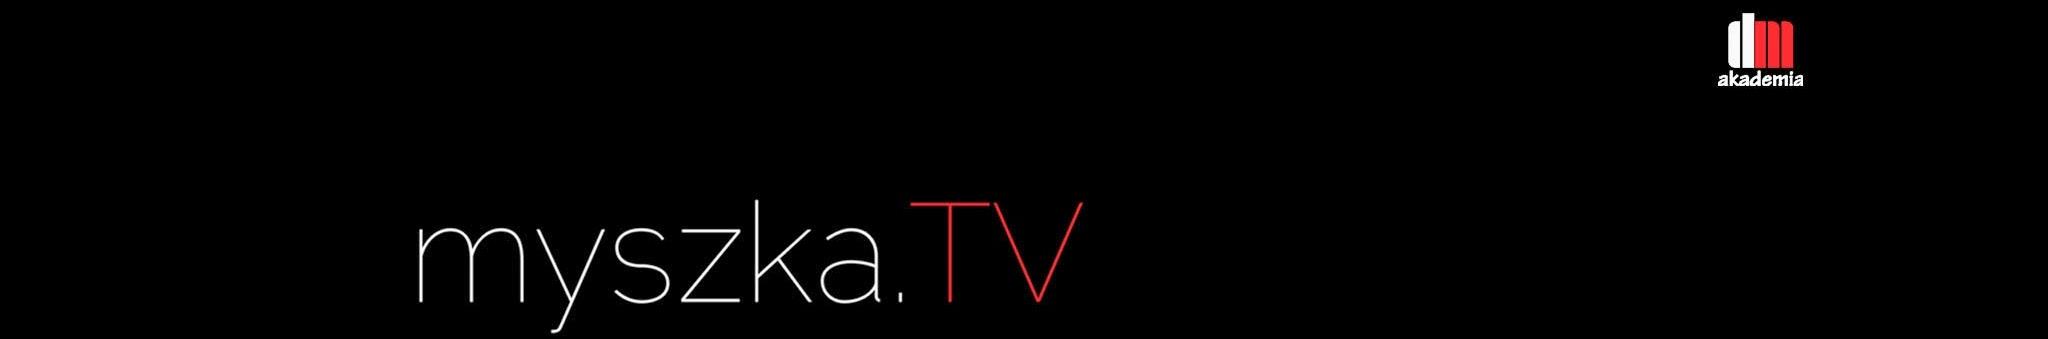 myszka.tv